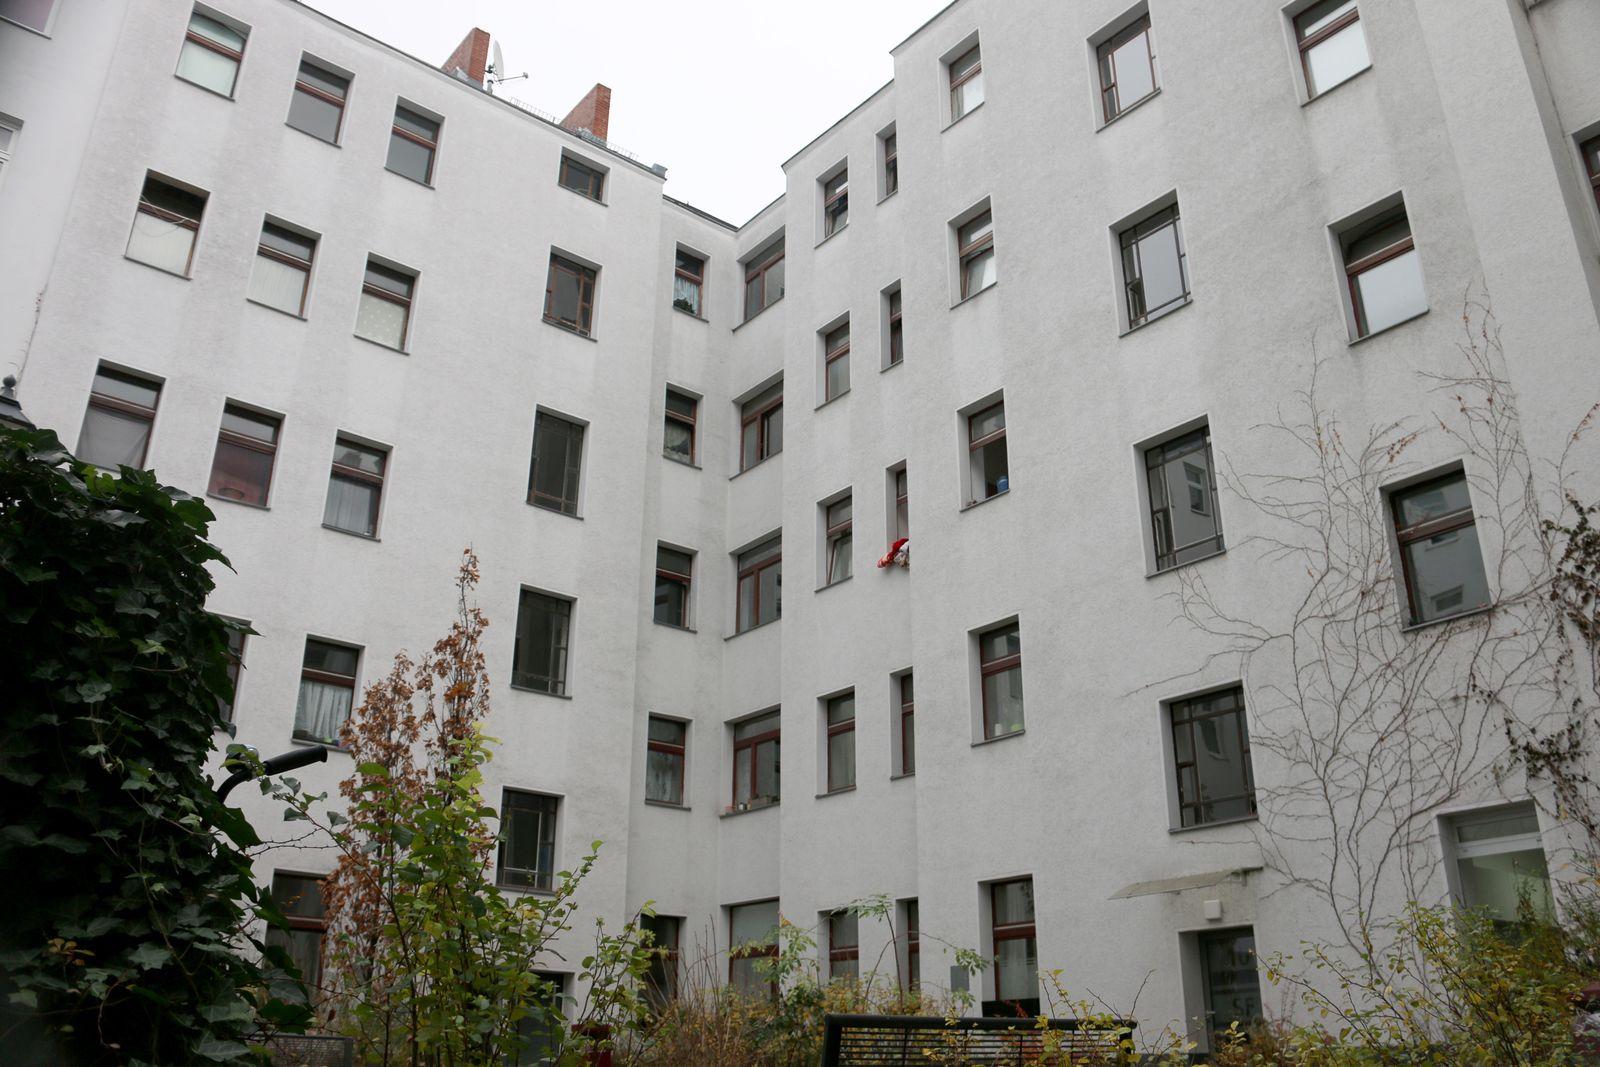 Obdachlosigkeit/ Berlin